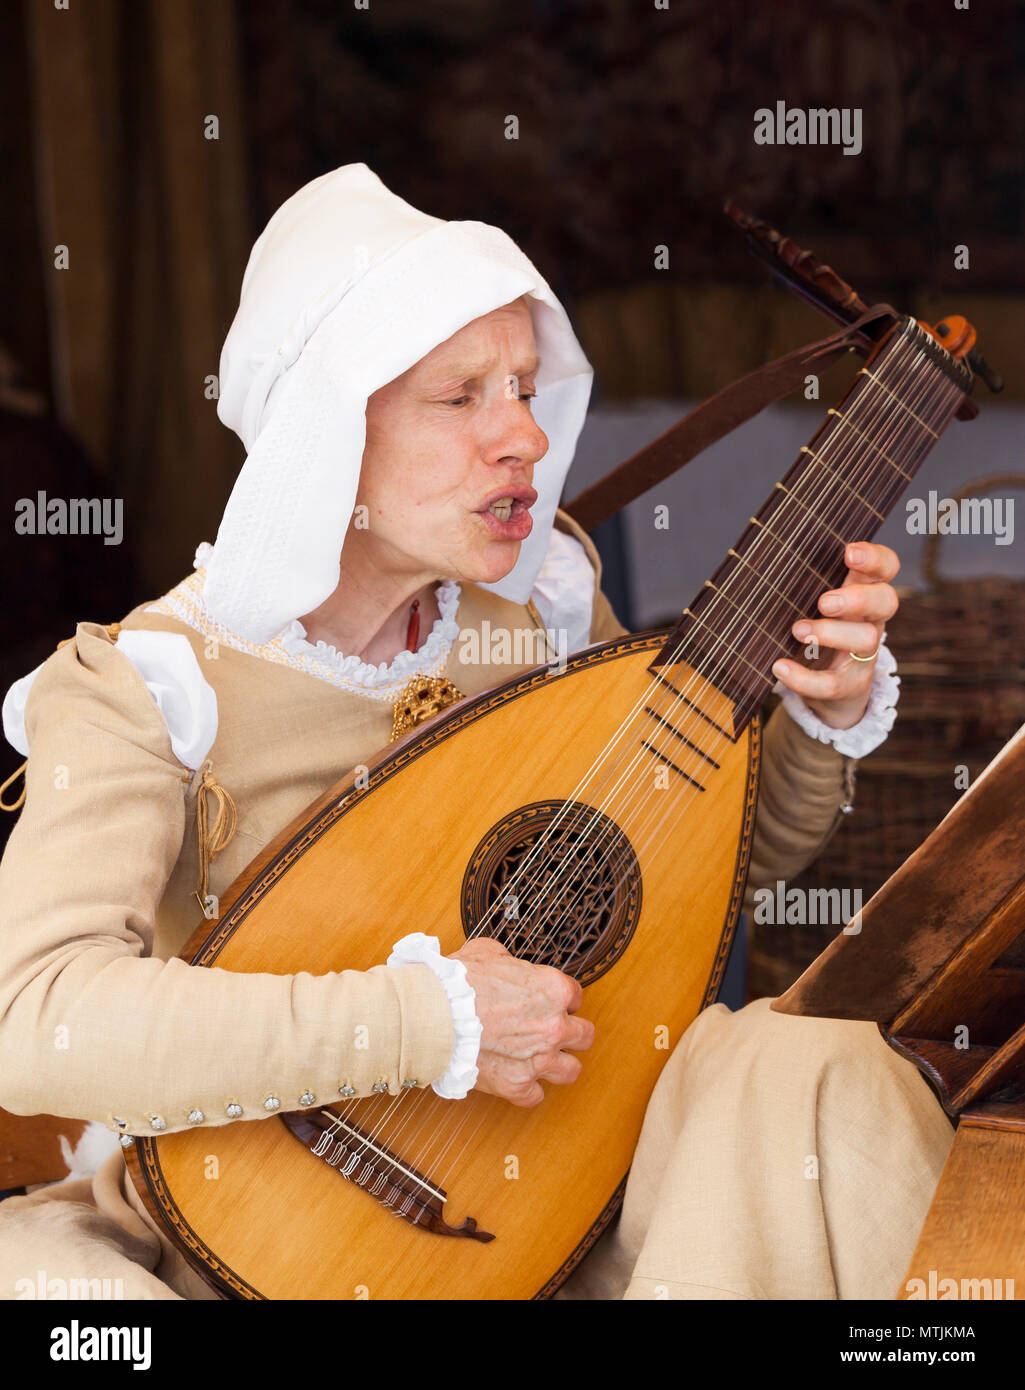 Frau spielen der Laute. Stockbild